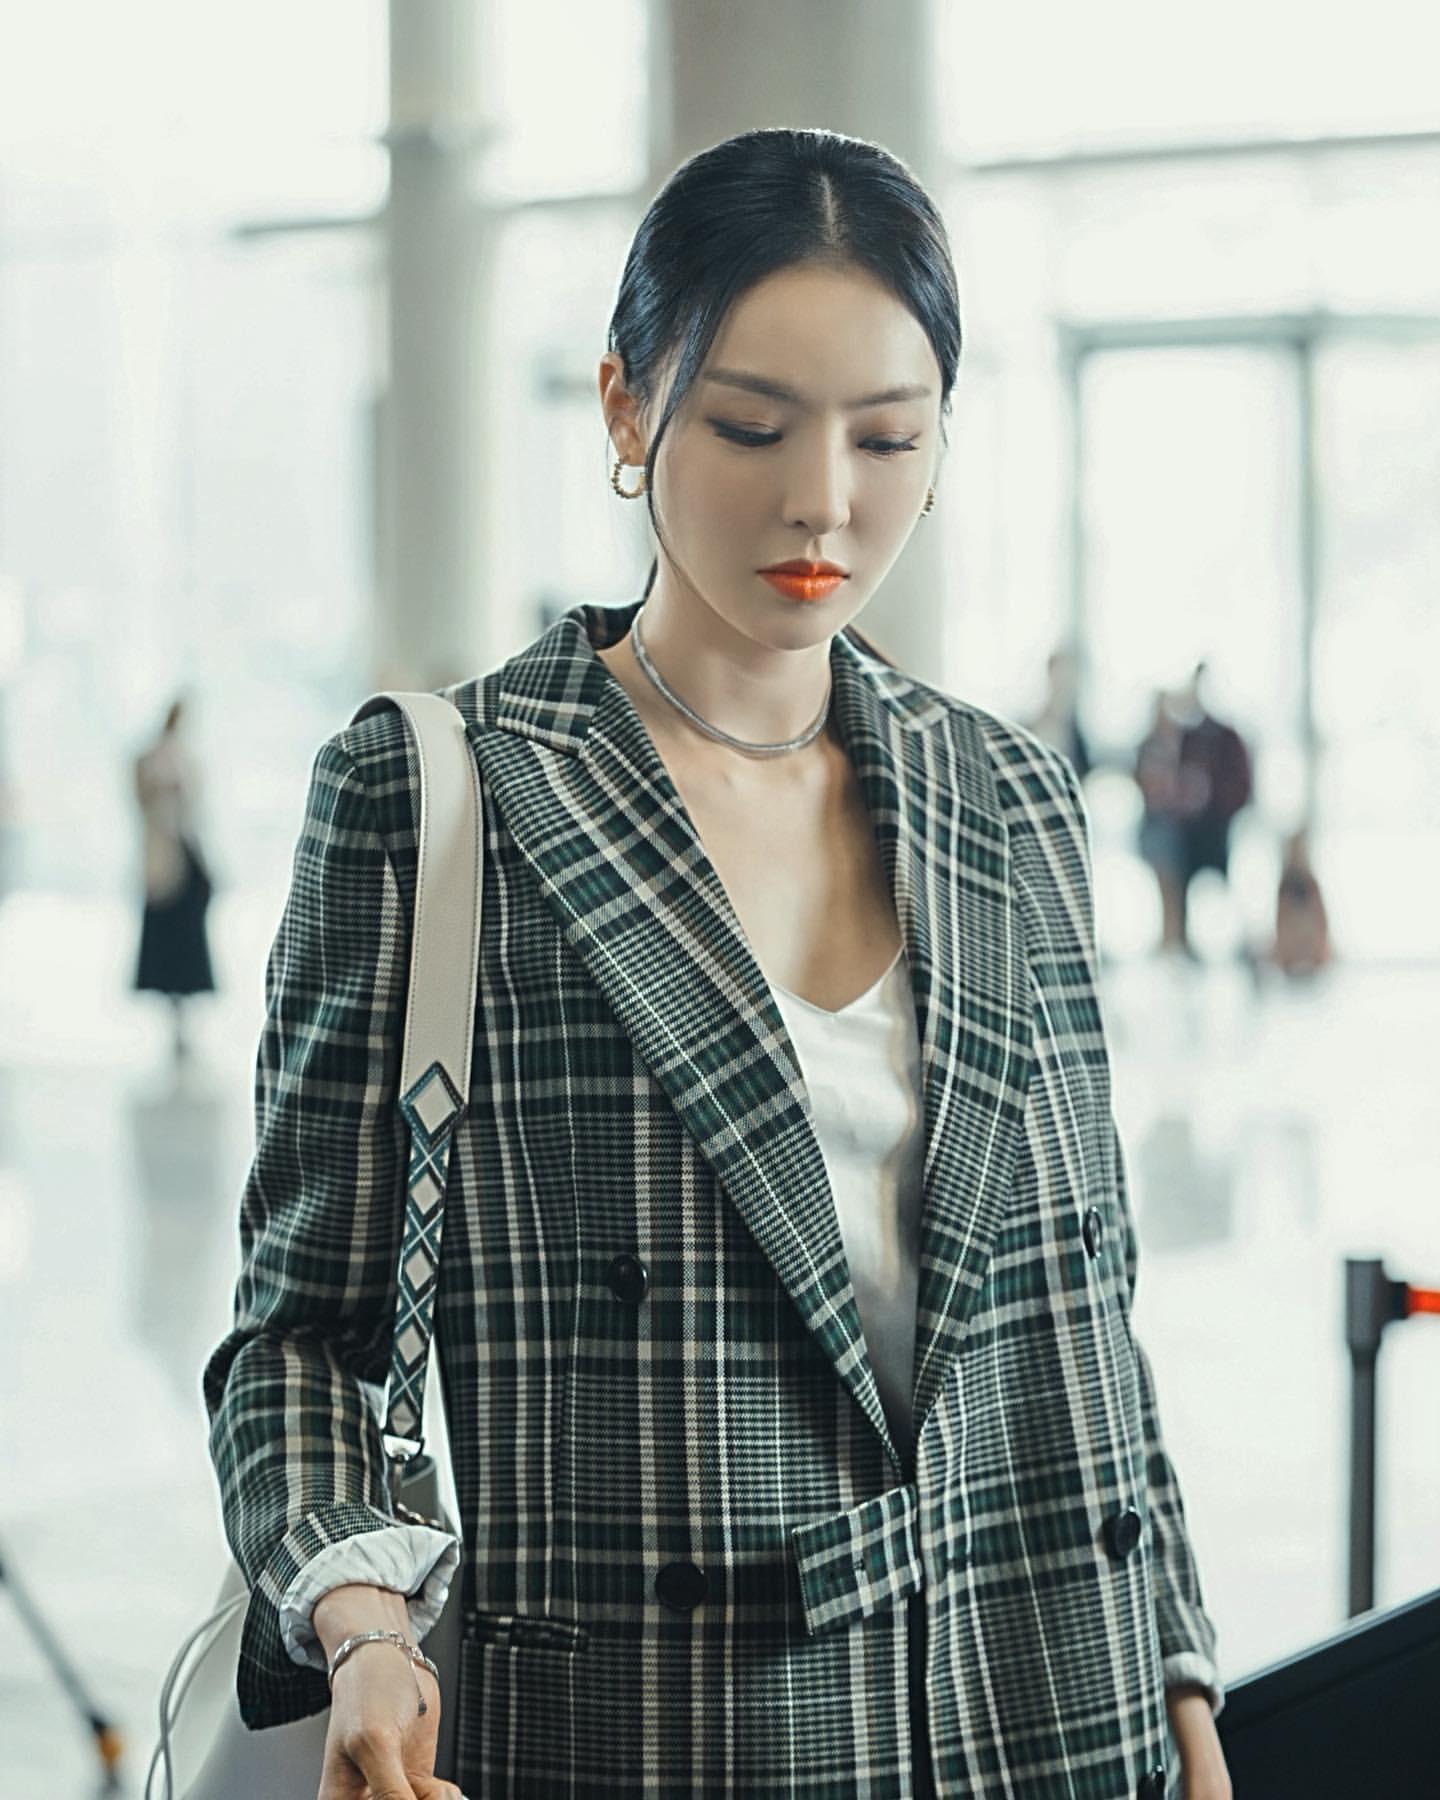 Phim Hàn gần đây có thể ảm đạm, nhưng thời trang trong đó vẫn là nguồn cảm hứng dạt dào cho chị em công sở - Ảnh 14